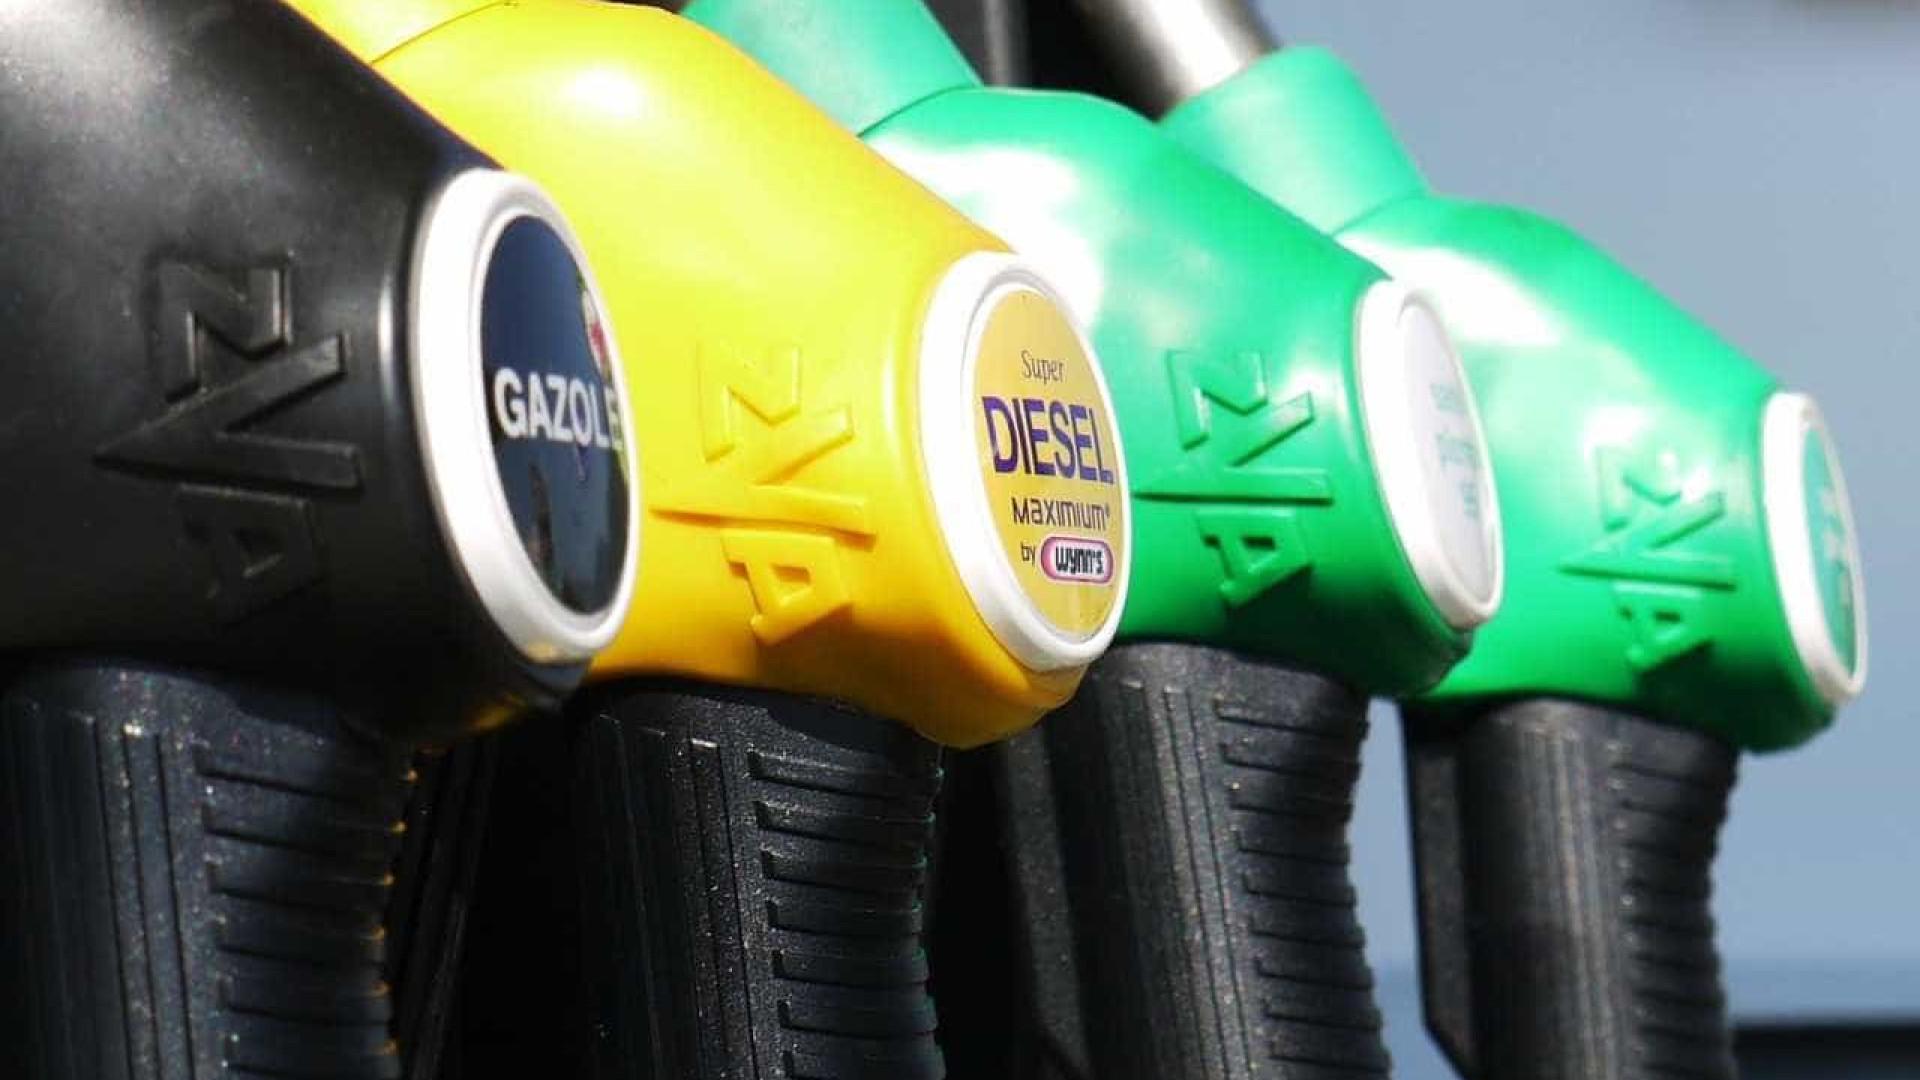 Preço do diesel dispara e já é mais alto do que antes da paralisação